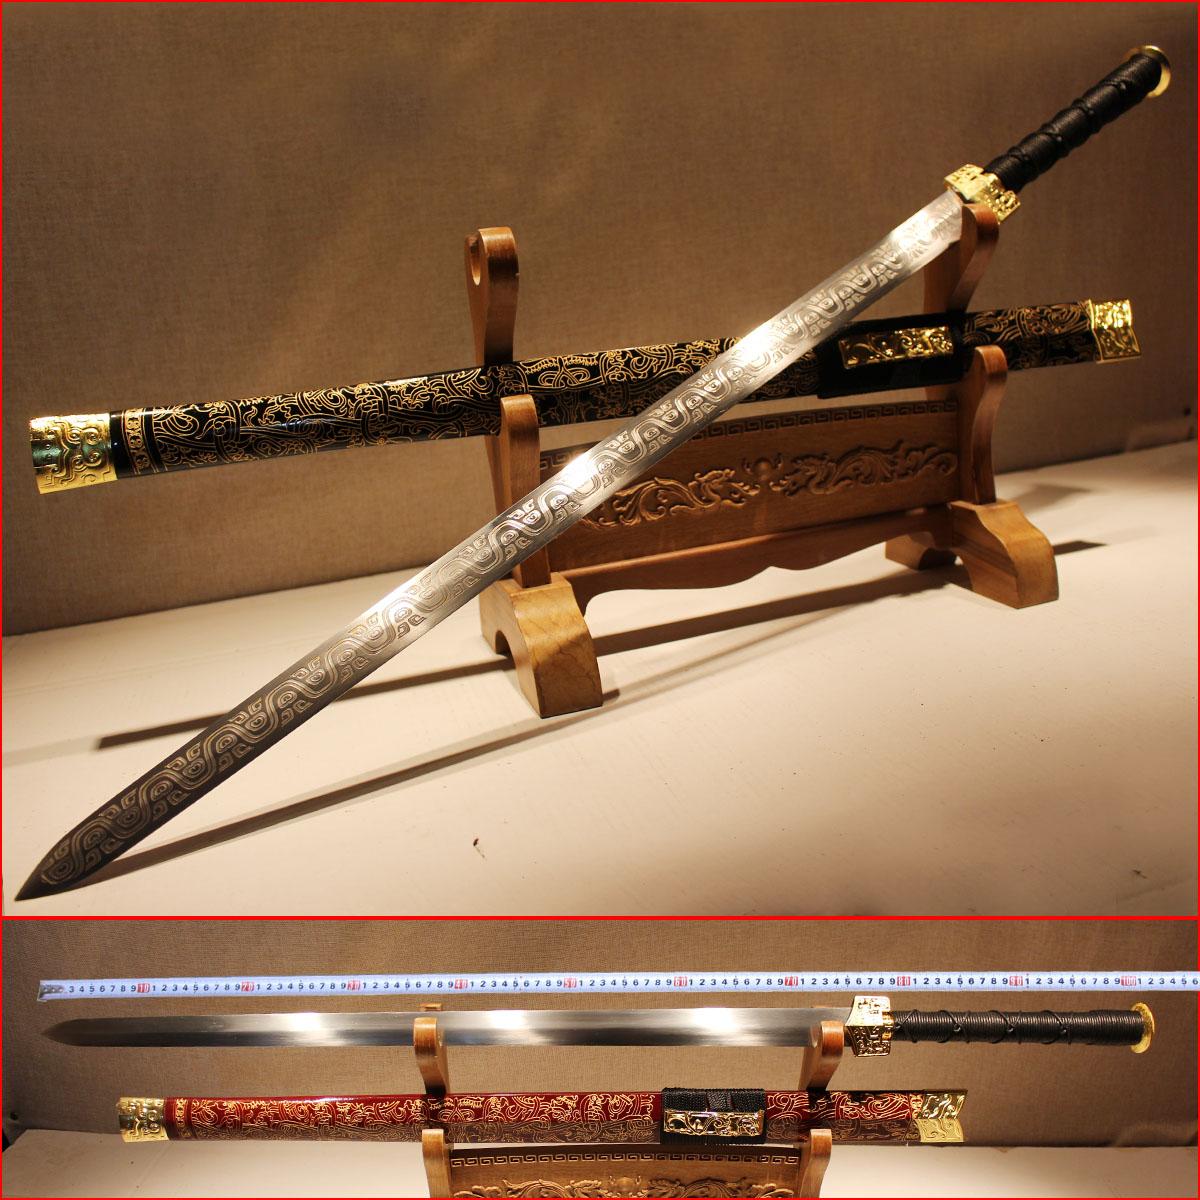 正品宝剑手工剑 汉剑长剑硬剑秦剑镇宅刀剑冷兵器特价未开刃